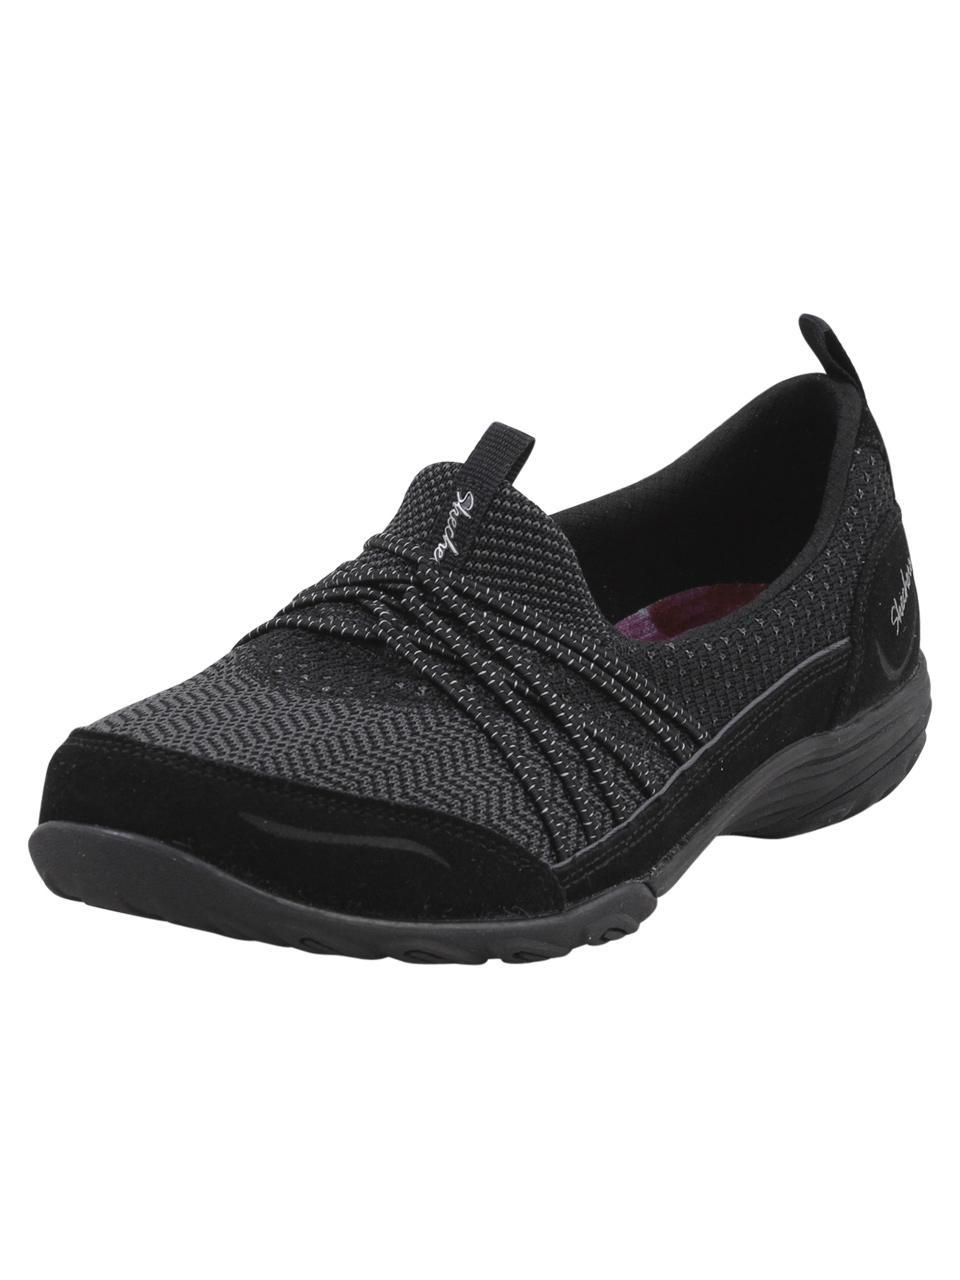 Skechers Women's Empress Memory Foam Sneakers Shoes